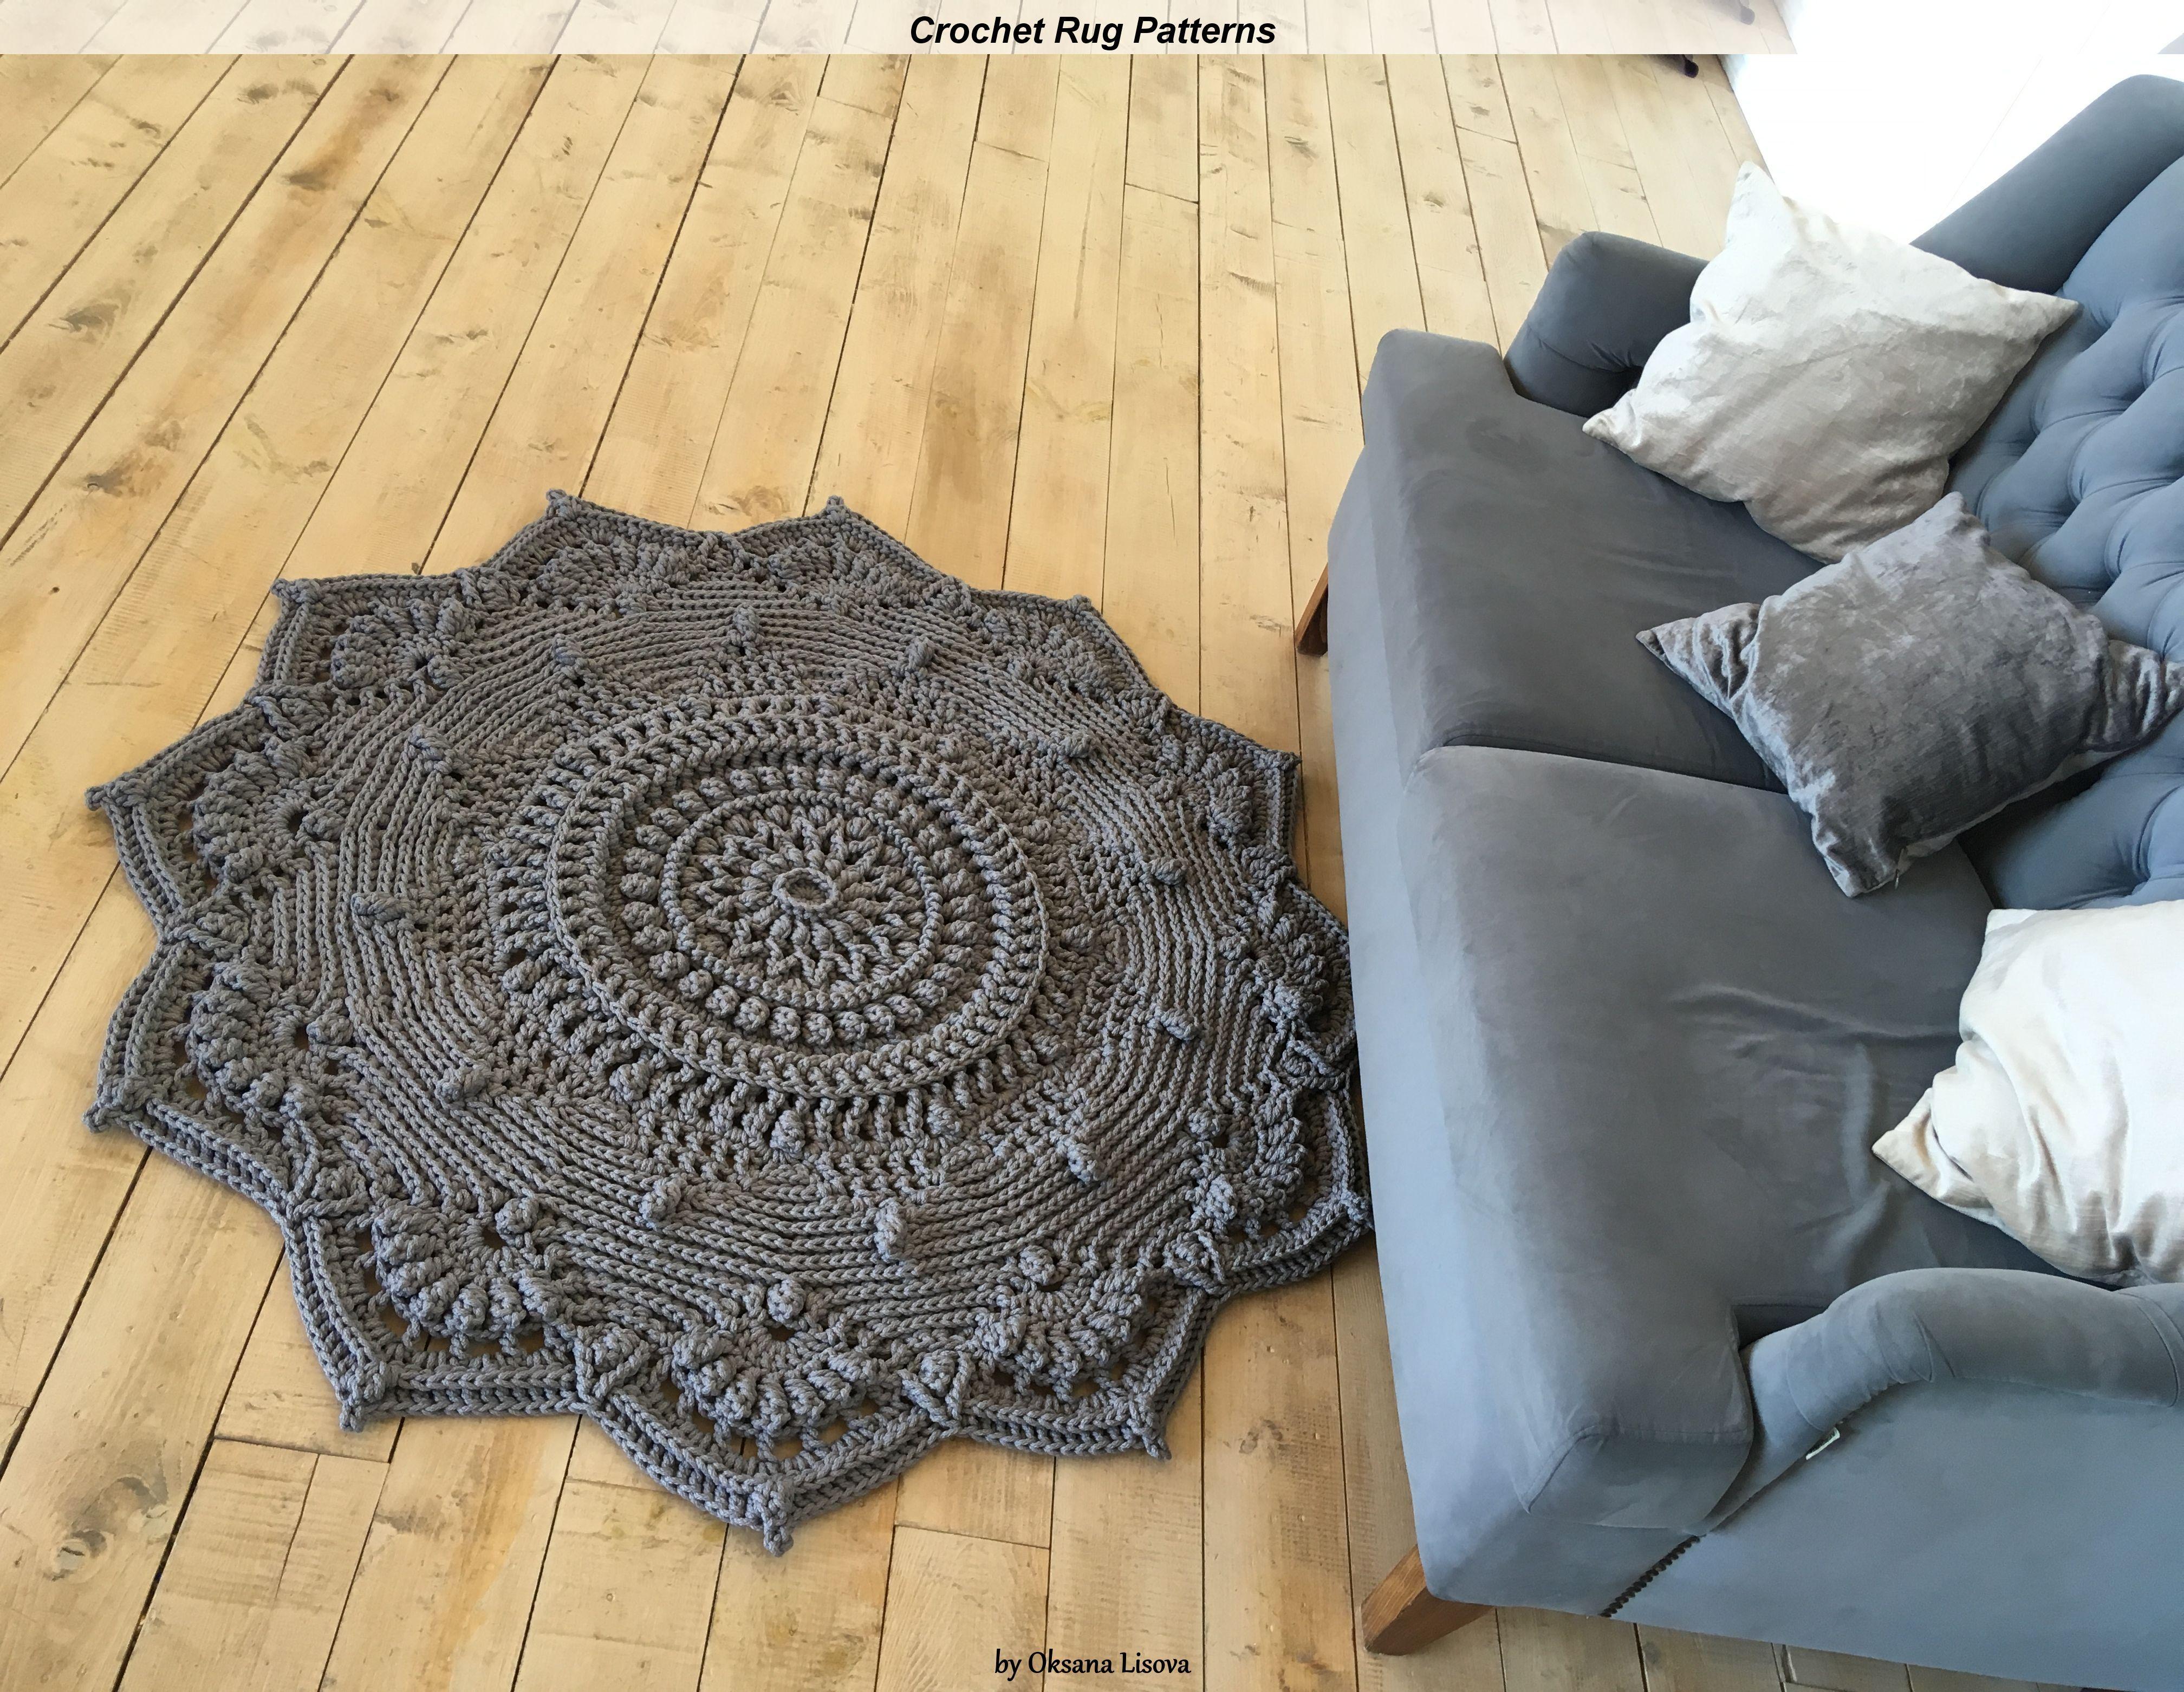 Written Instruction For Video Master Class Crochet Carpet Etsy In 2020 Crochet Carpet Crochet Rag Rug Crochet Rug Patterns